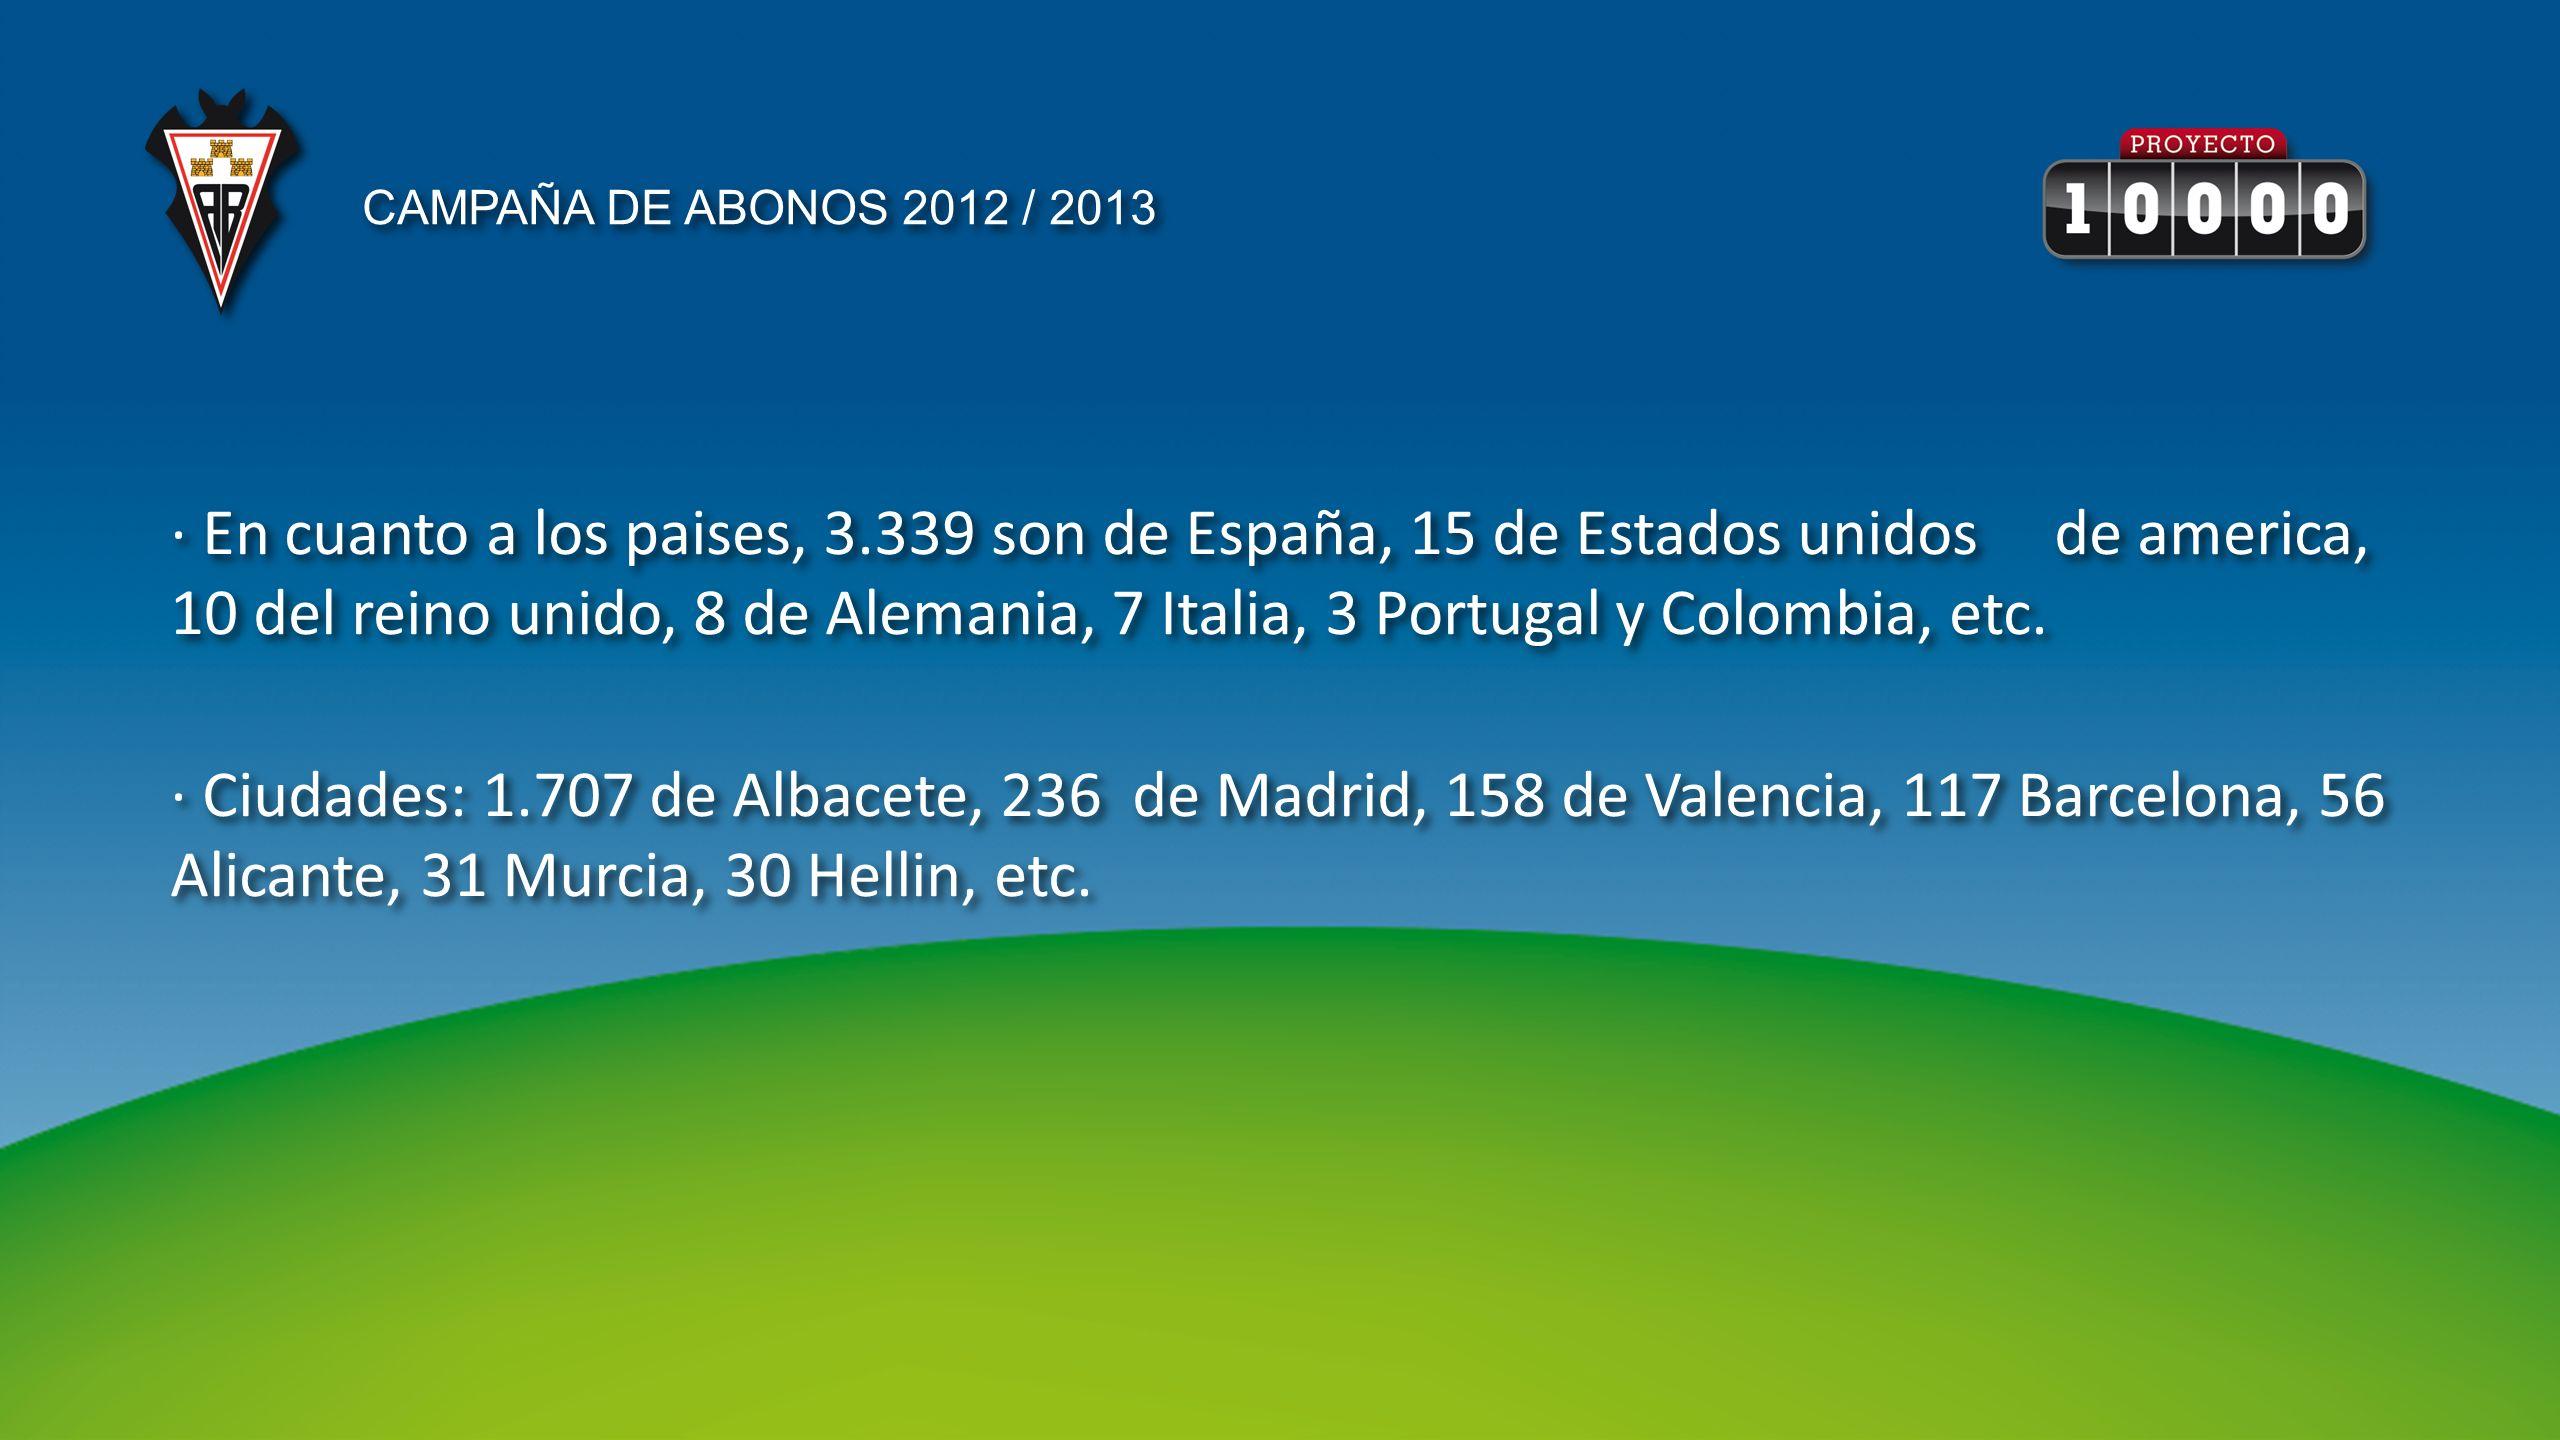 · En cuanto a los paises, 3.339 son de España, 15 de Estados unidos de america, 10 del reino unido, 8 de Alemania, 7 Italia, 3 Portugal y Colombia, etc.